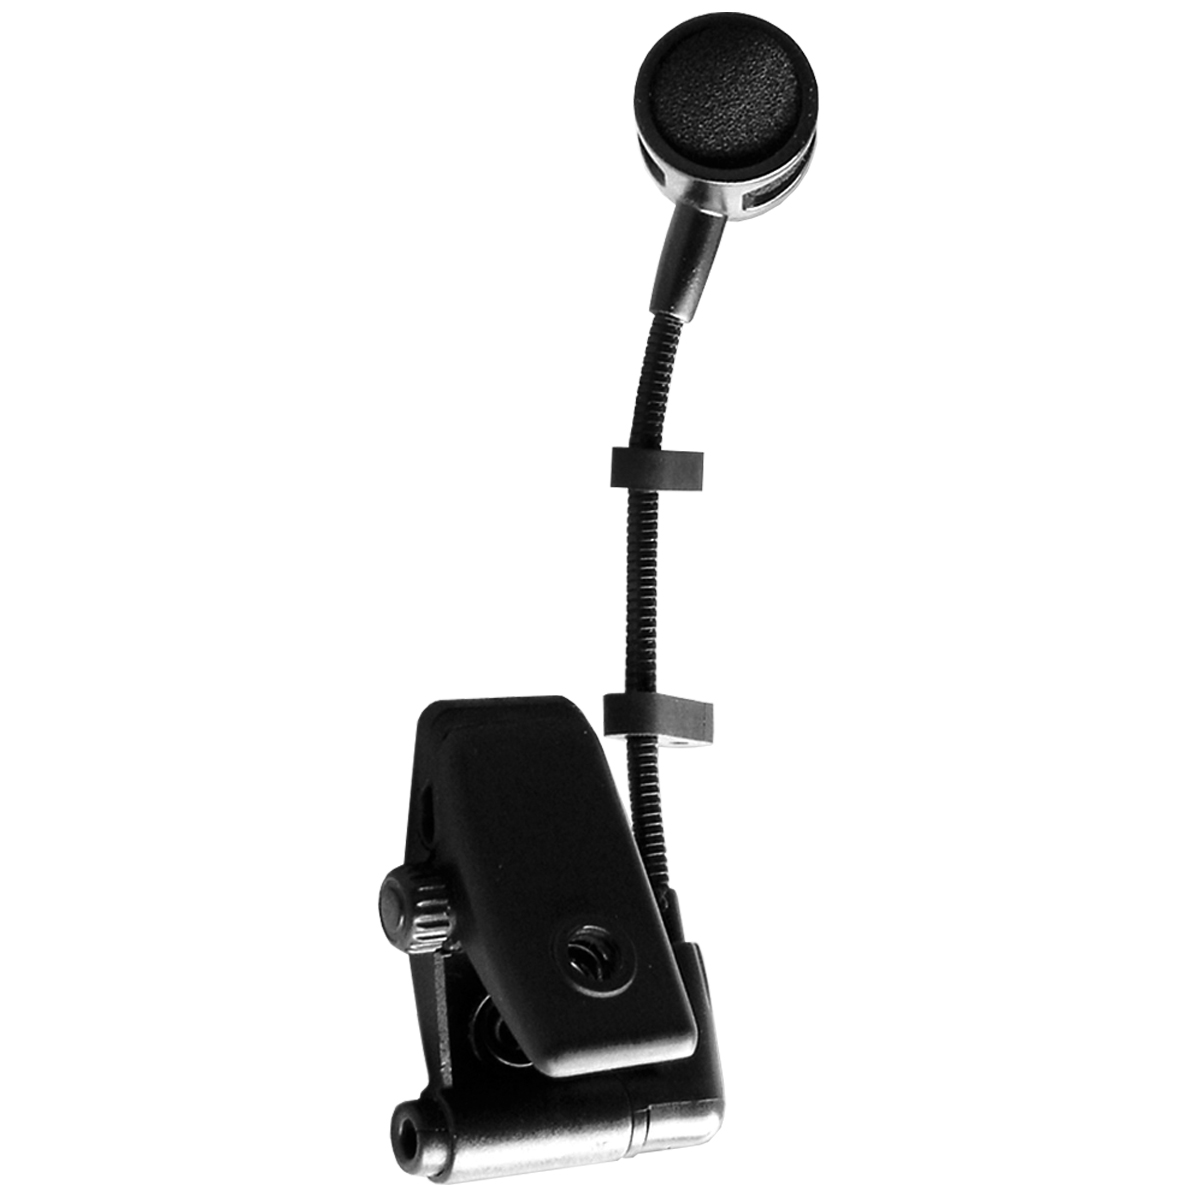 Microfone c/ Fio Condensador p/ Saxofone - EM 714 Yoga